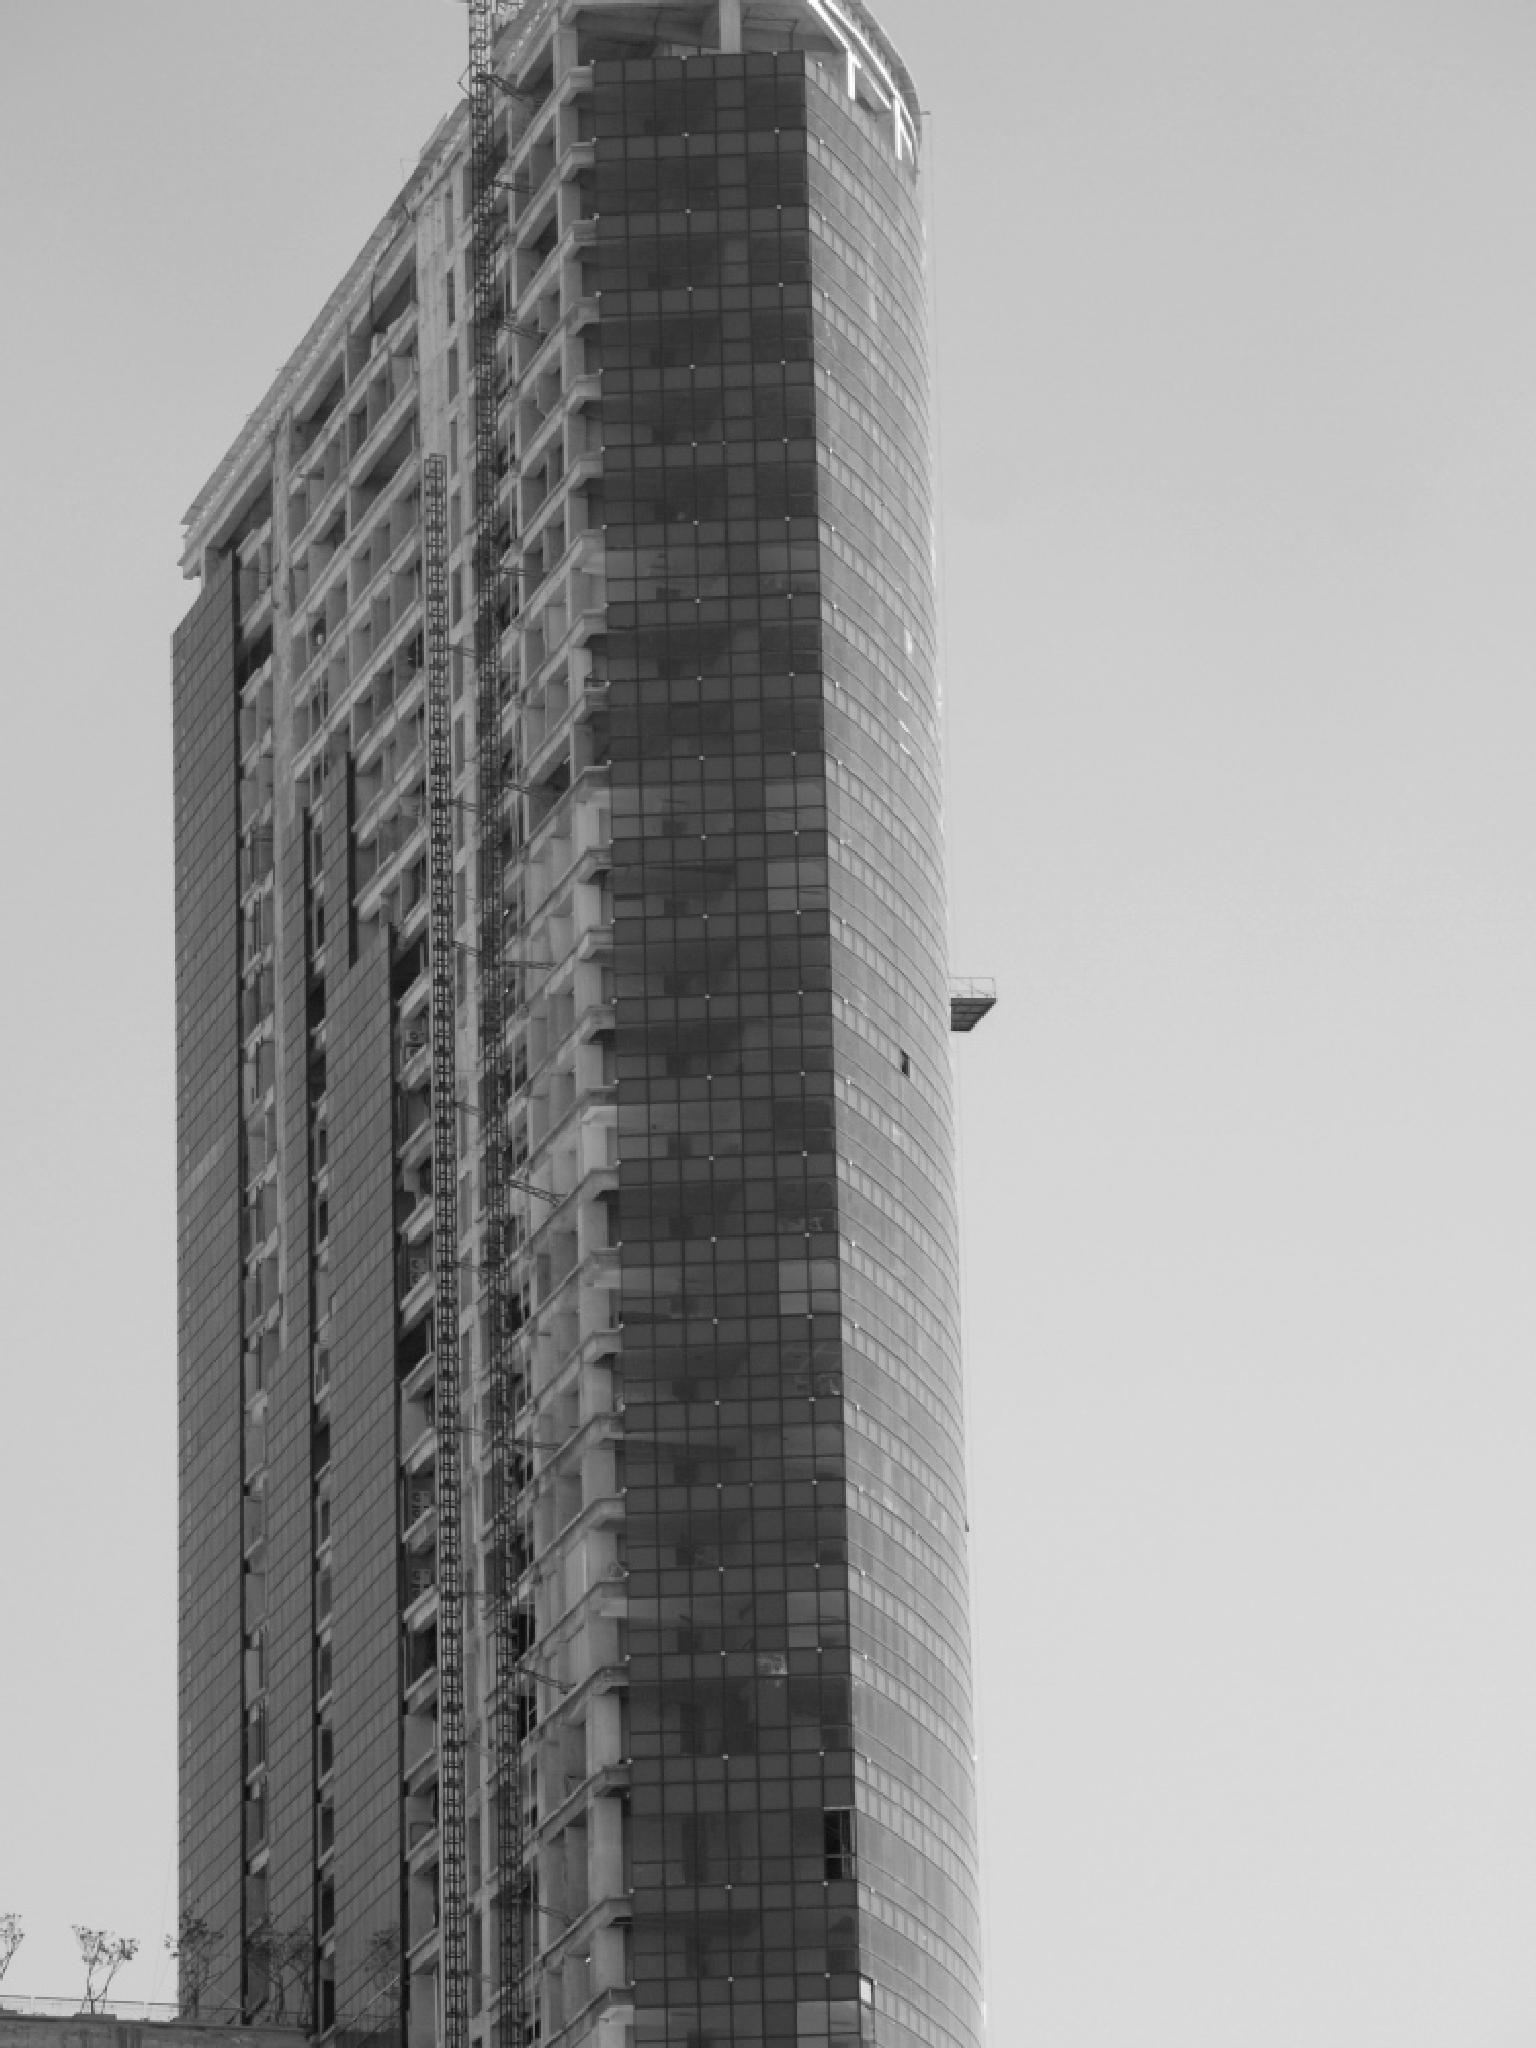 On Sky by ariestrialfandie